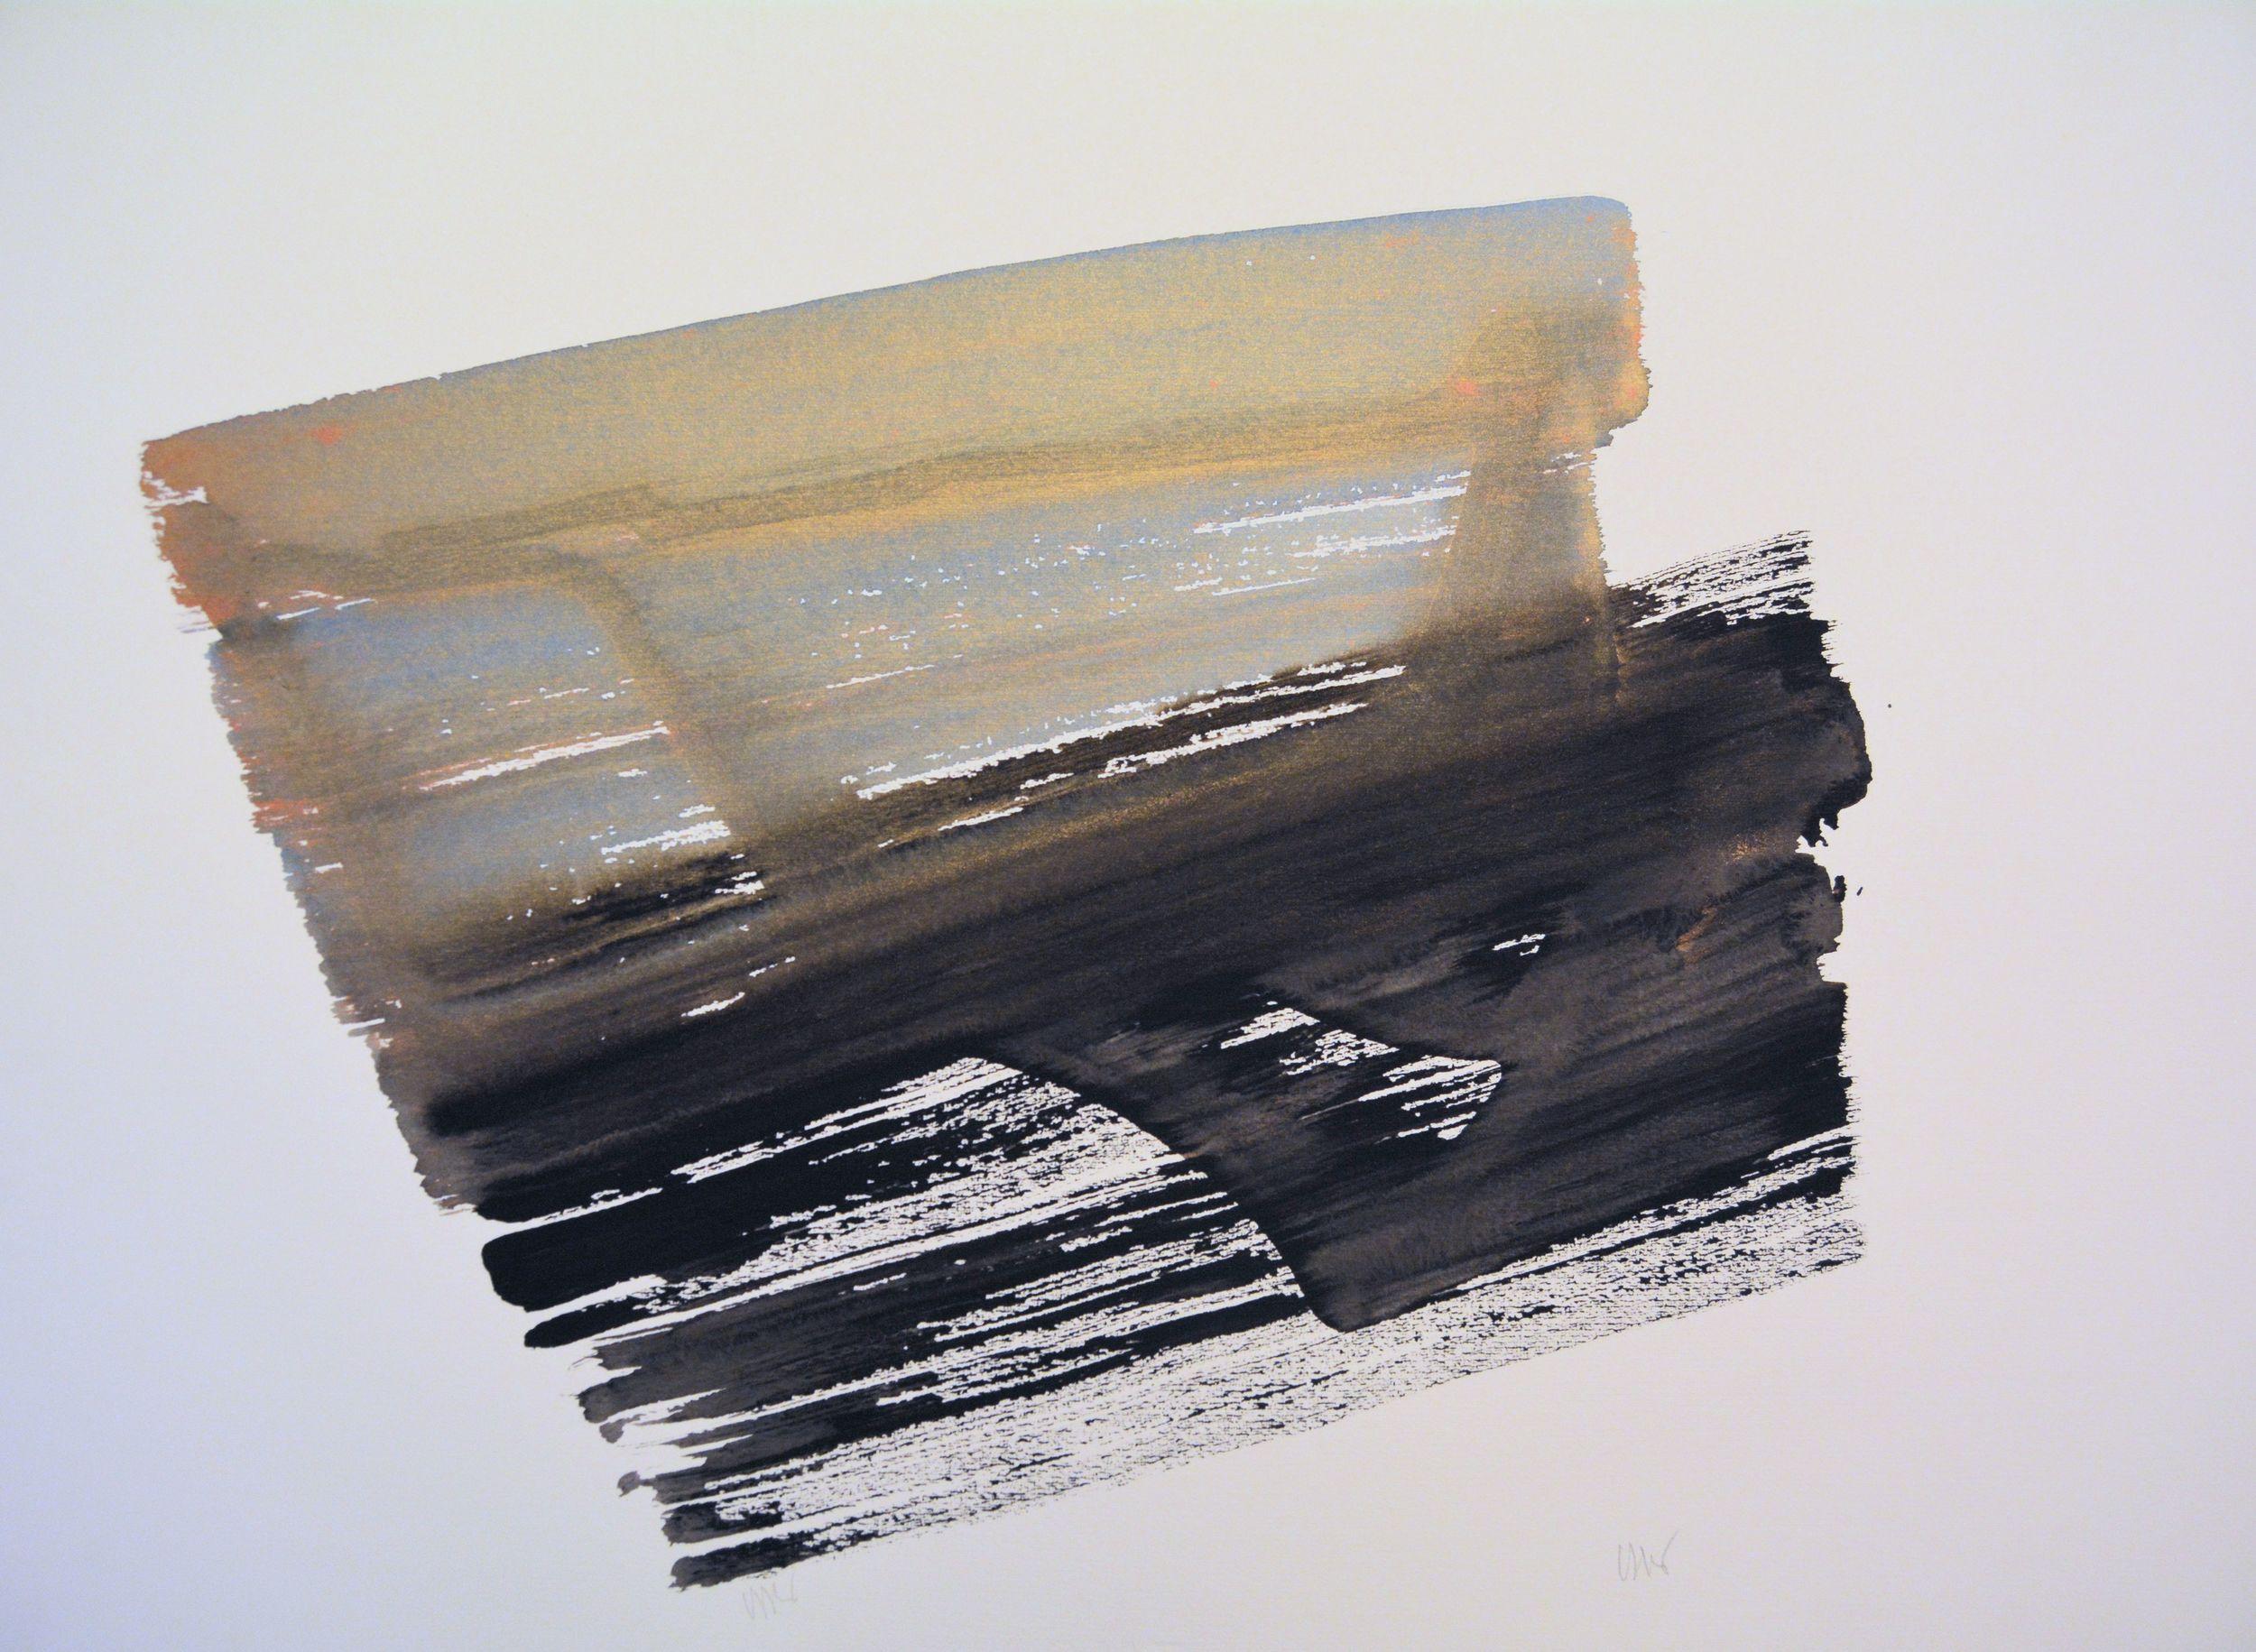 senza titolo, 1991, dalla serie 'Gioco come gioco', acrilico su carta Fabriano, cm 57 x 76  untitled,1991, from the series 'Gioco come gioco',acrylic on Fabriano paper, cm 57 x 76